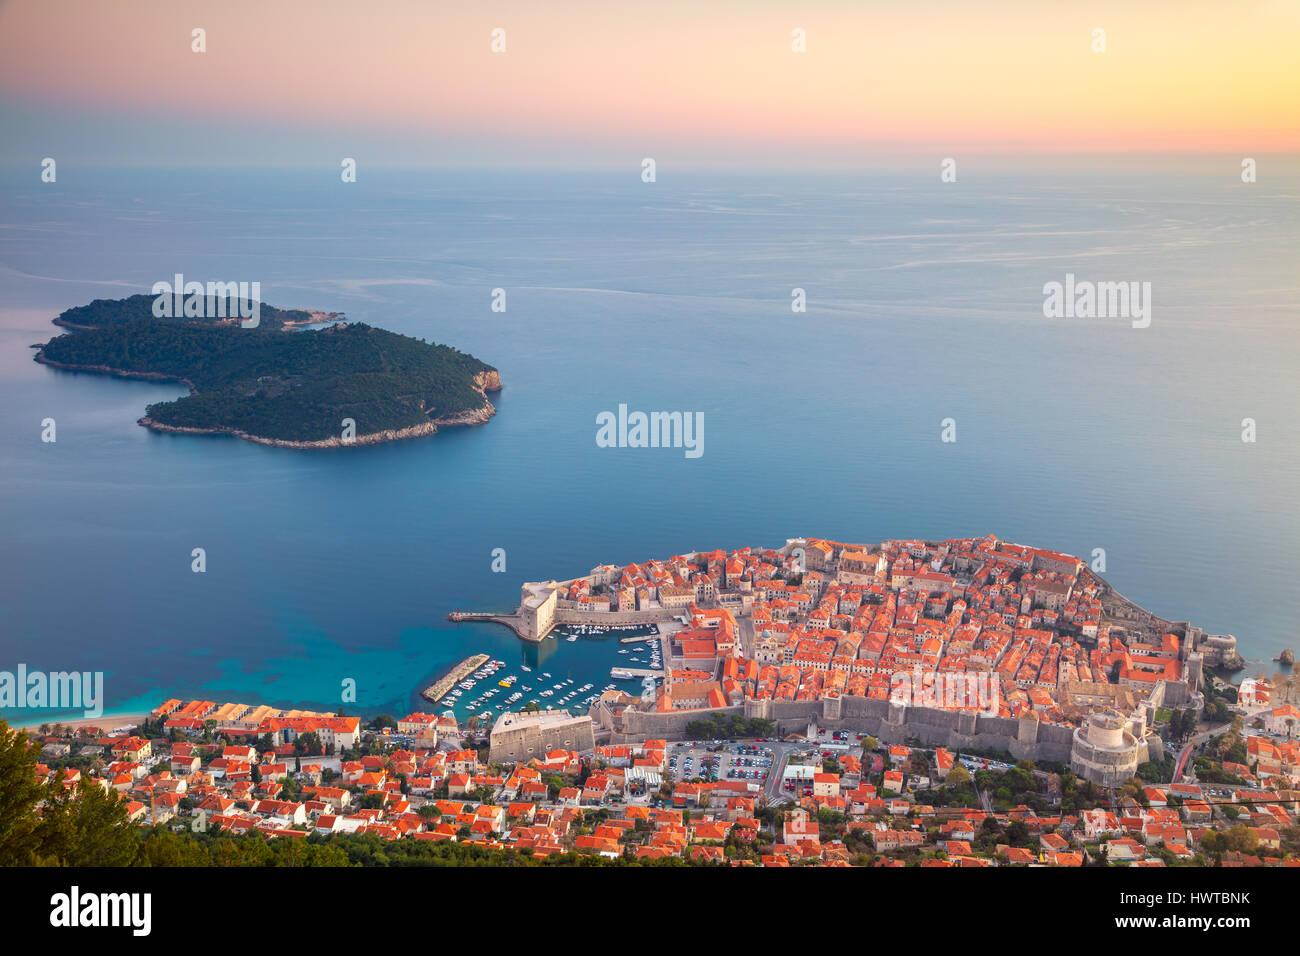 Dubrovnik, Croazia. Splendida e romantica città vecchia di Dubrovnik durante il tramonto. Immagini Stock